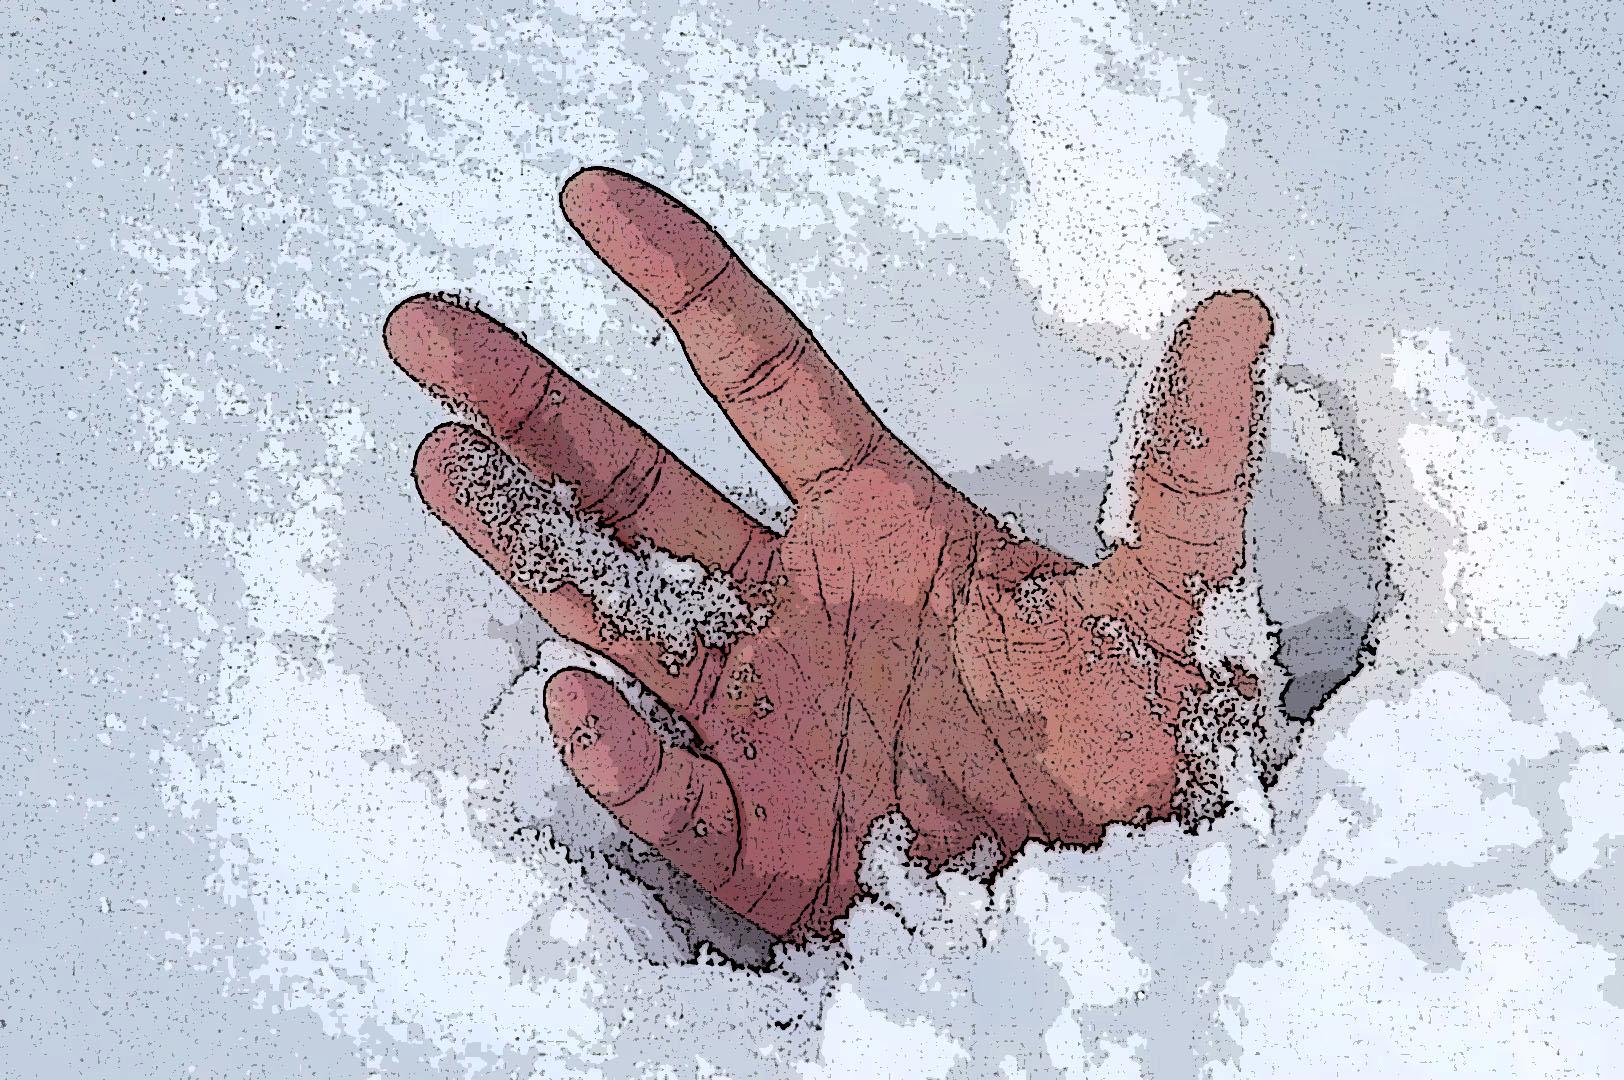 что делать, при, первая помощь, обморожении, степени, признаки, обморожения